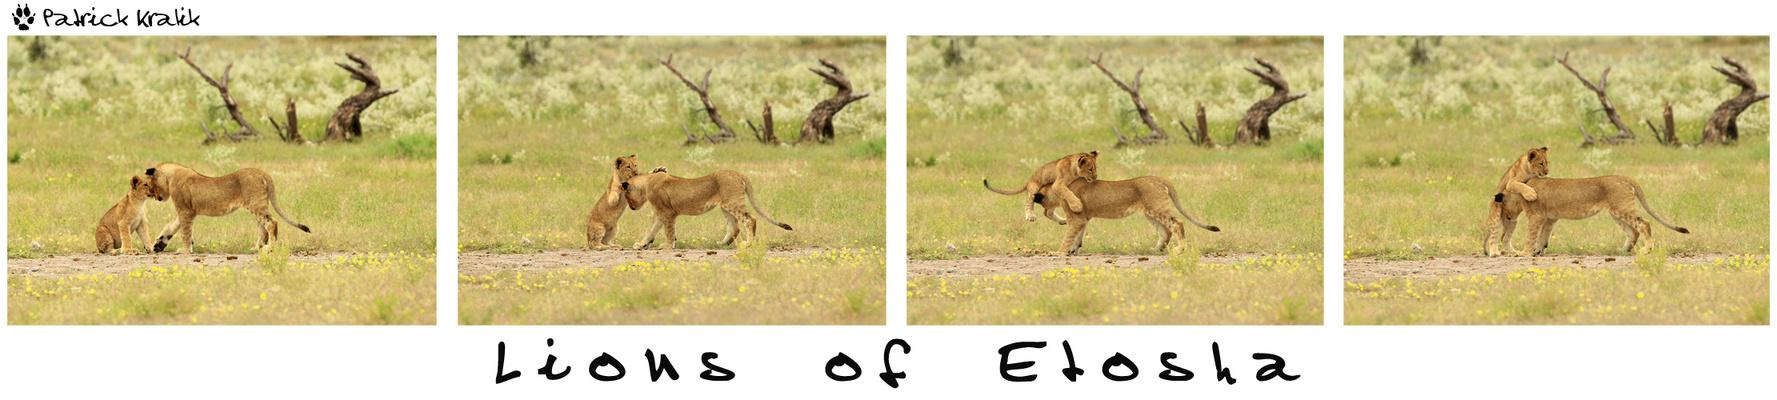 Die Löwenkinder von Etosha